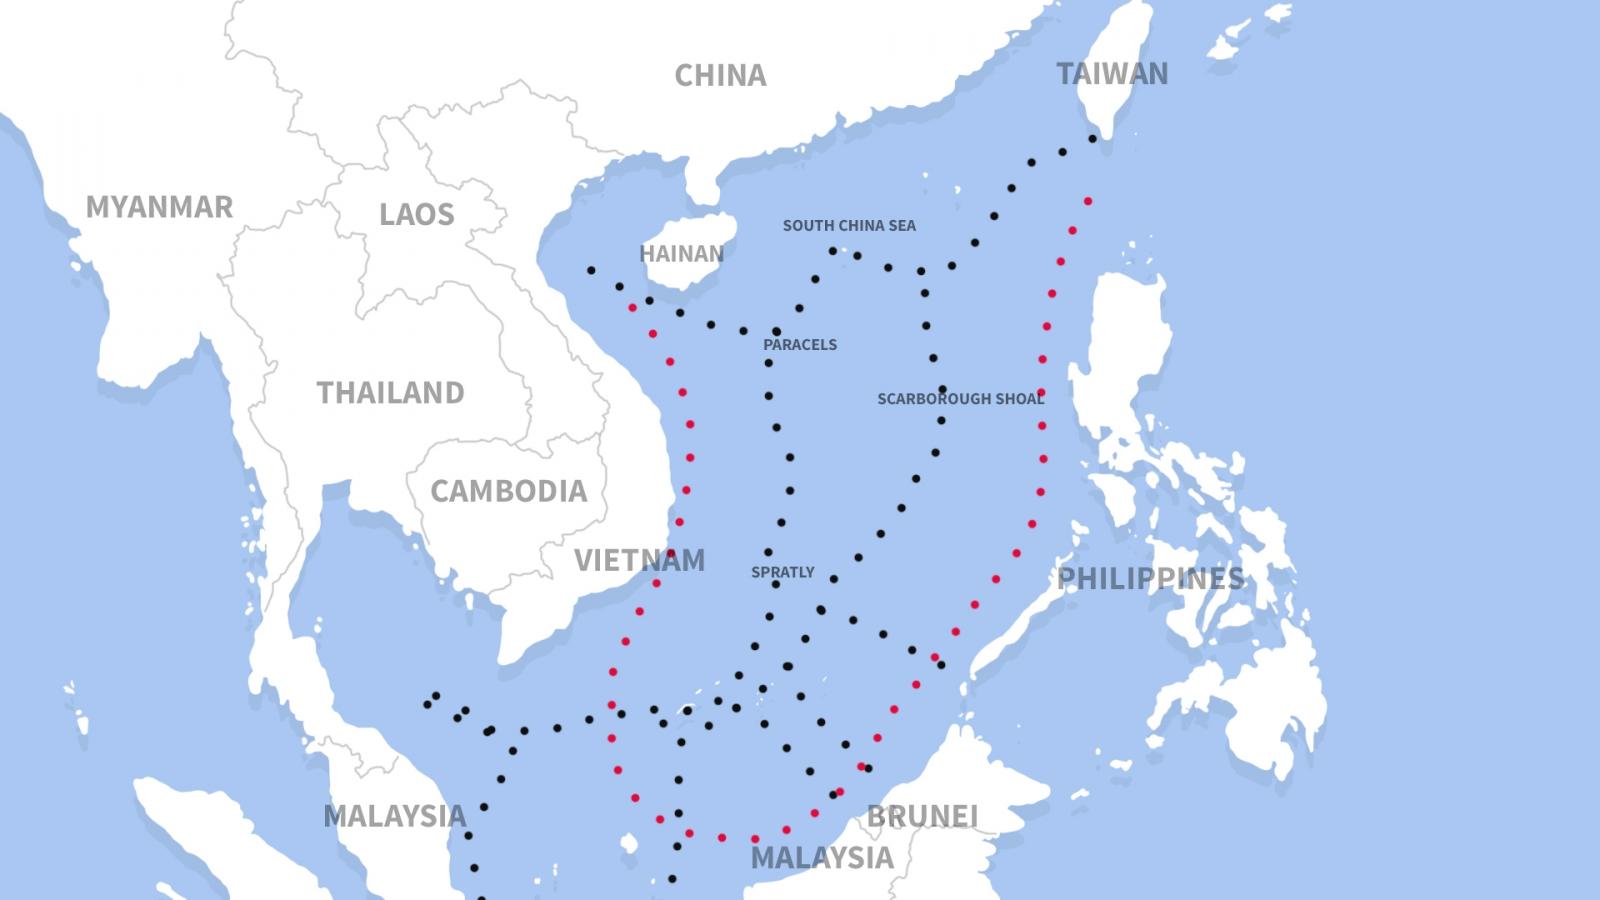 South China Sea dispute map